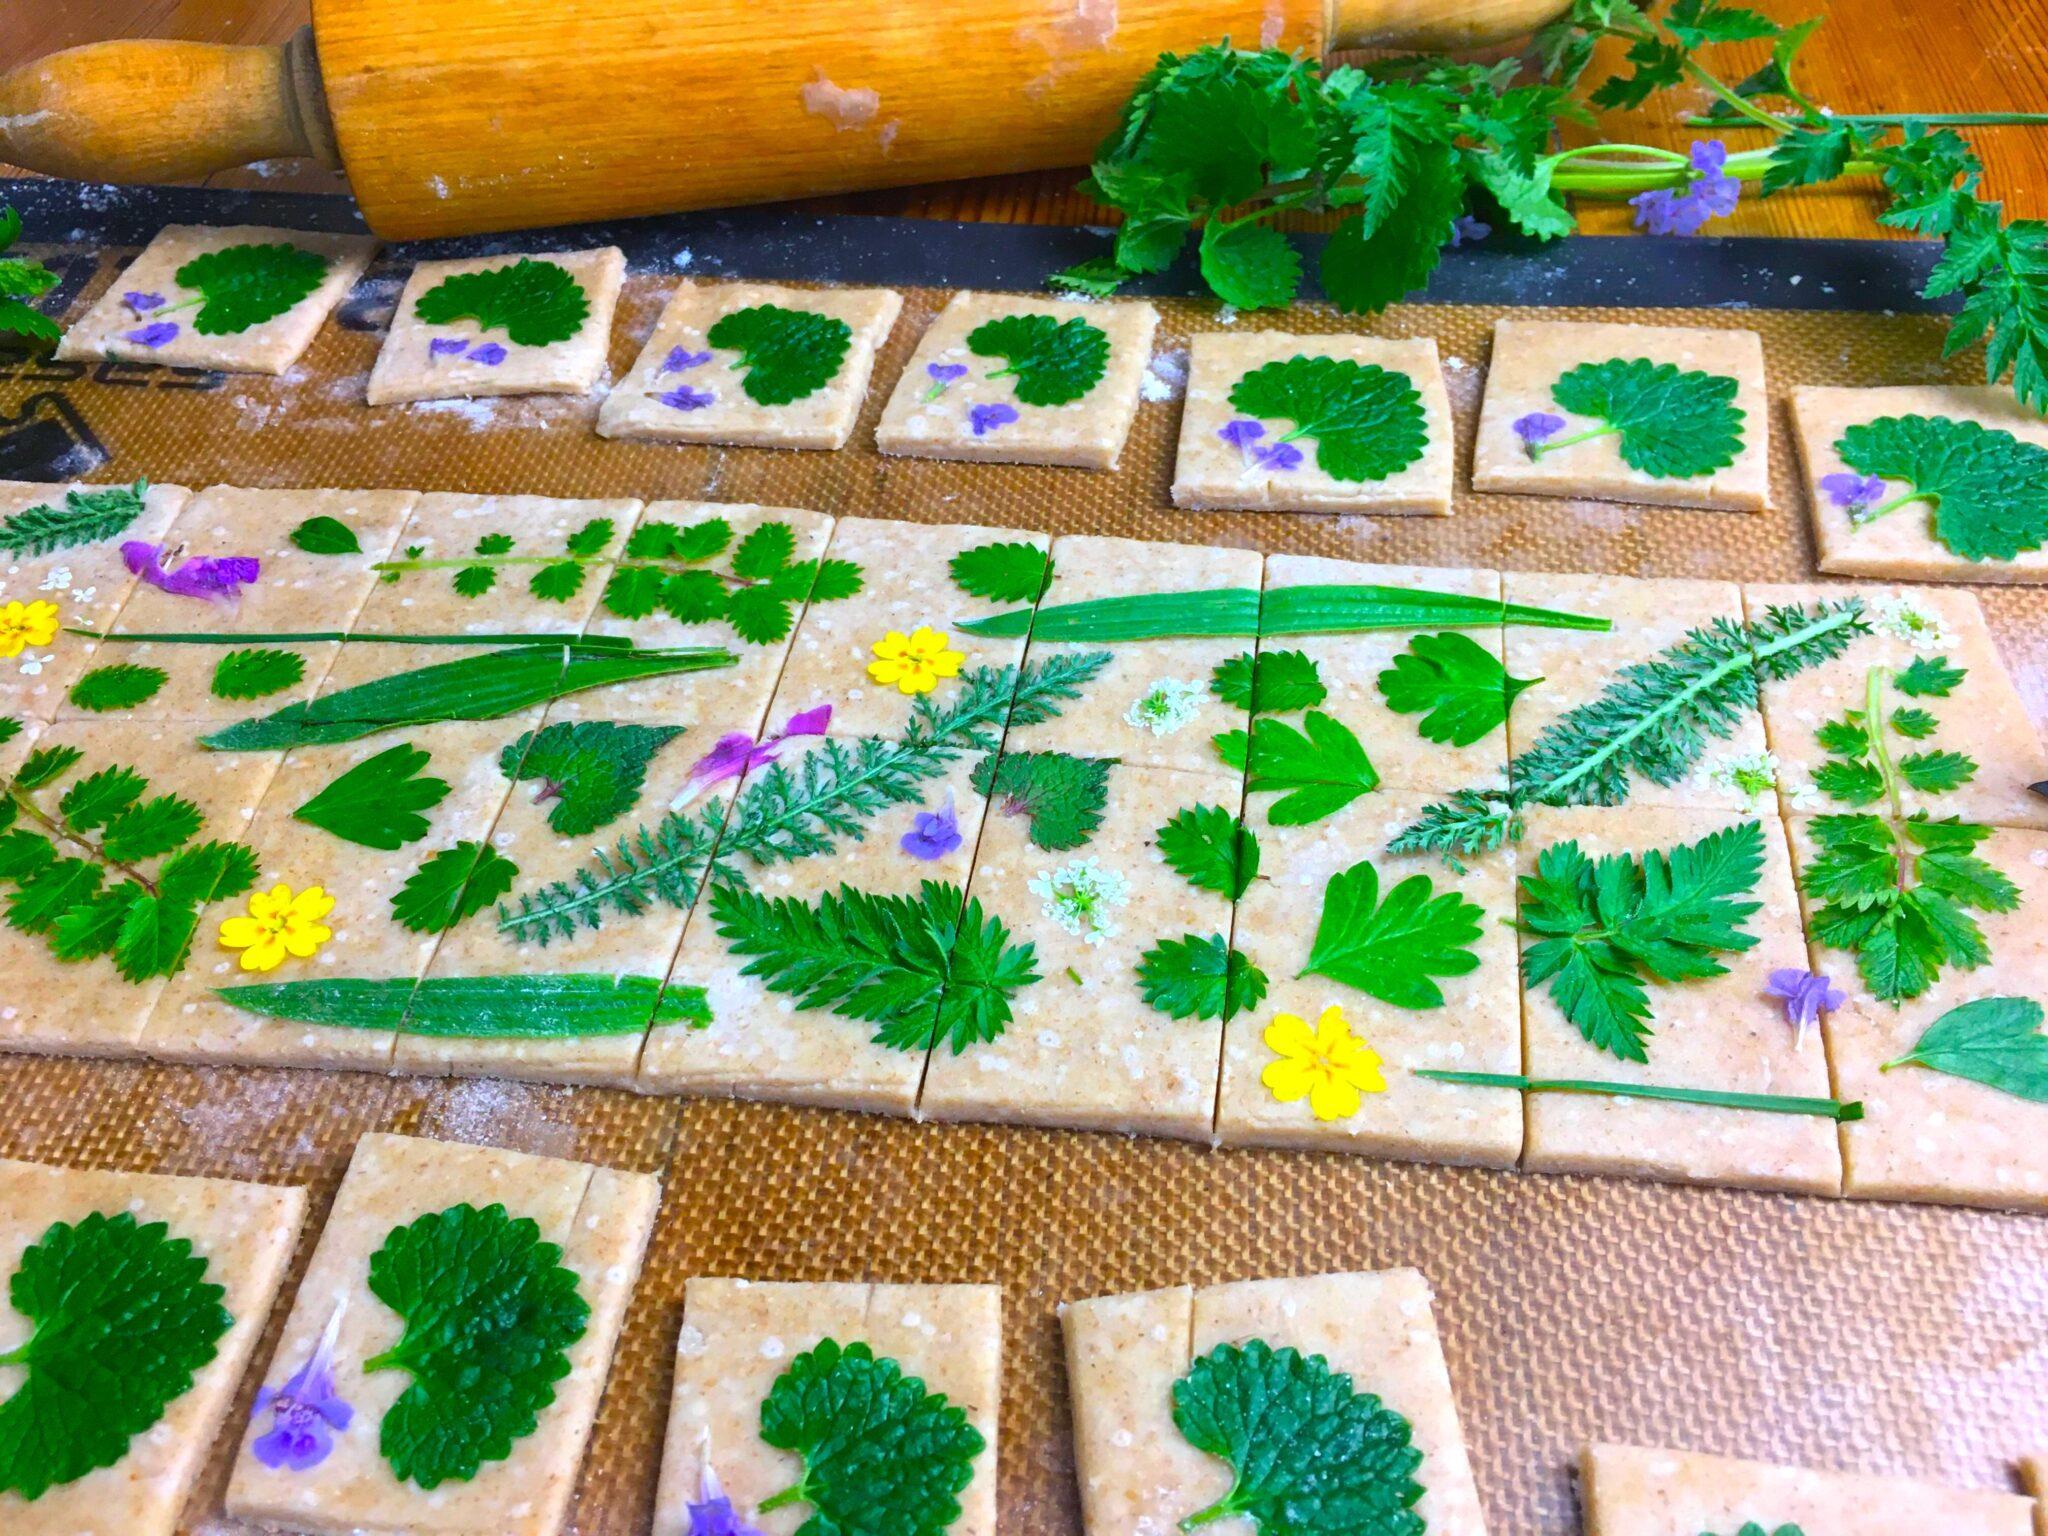 Pâte brisée et plantes sauvages